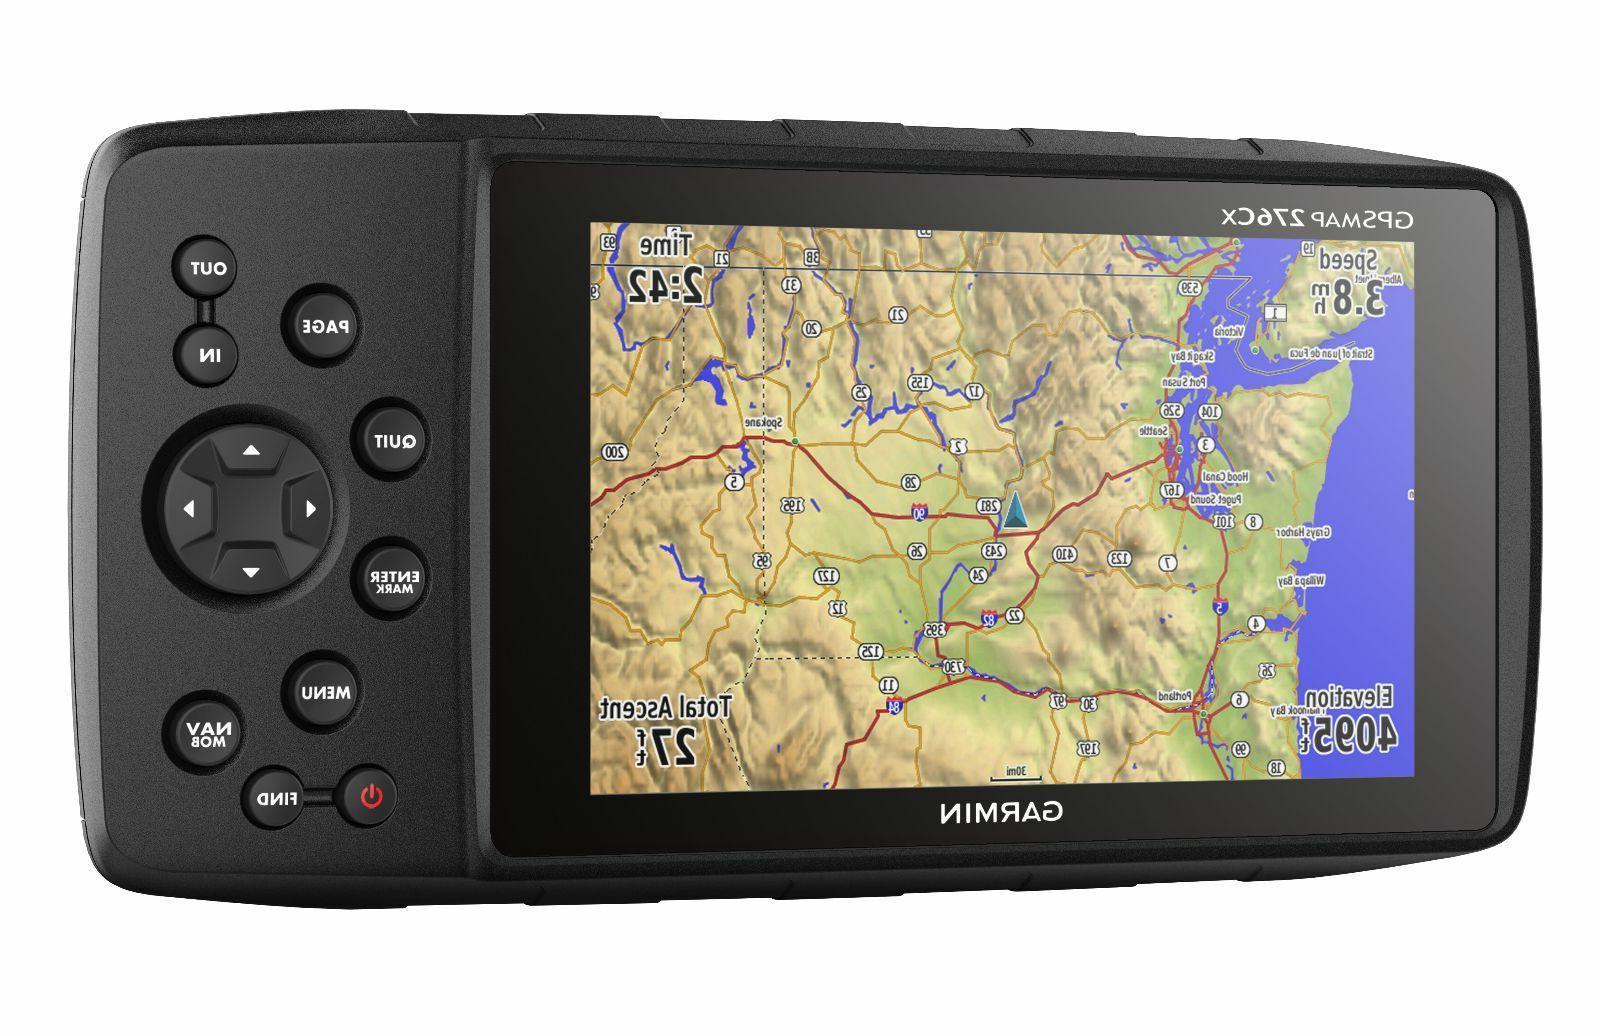 Garmin 276Cx GPS Navigator 010-01607-00